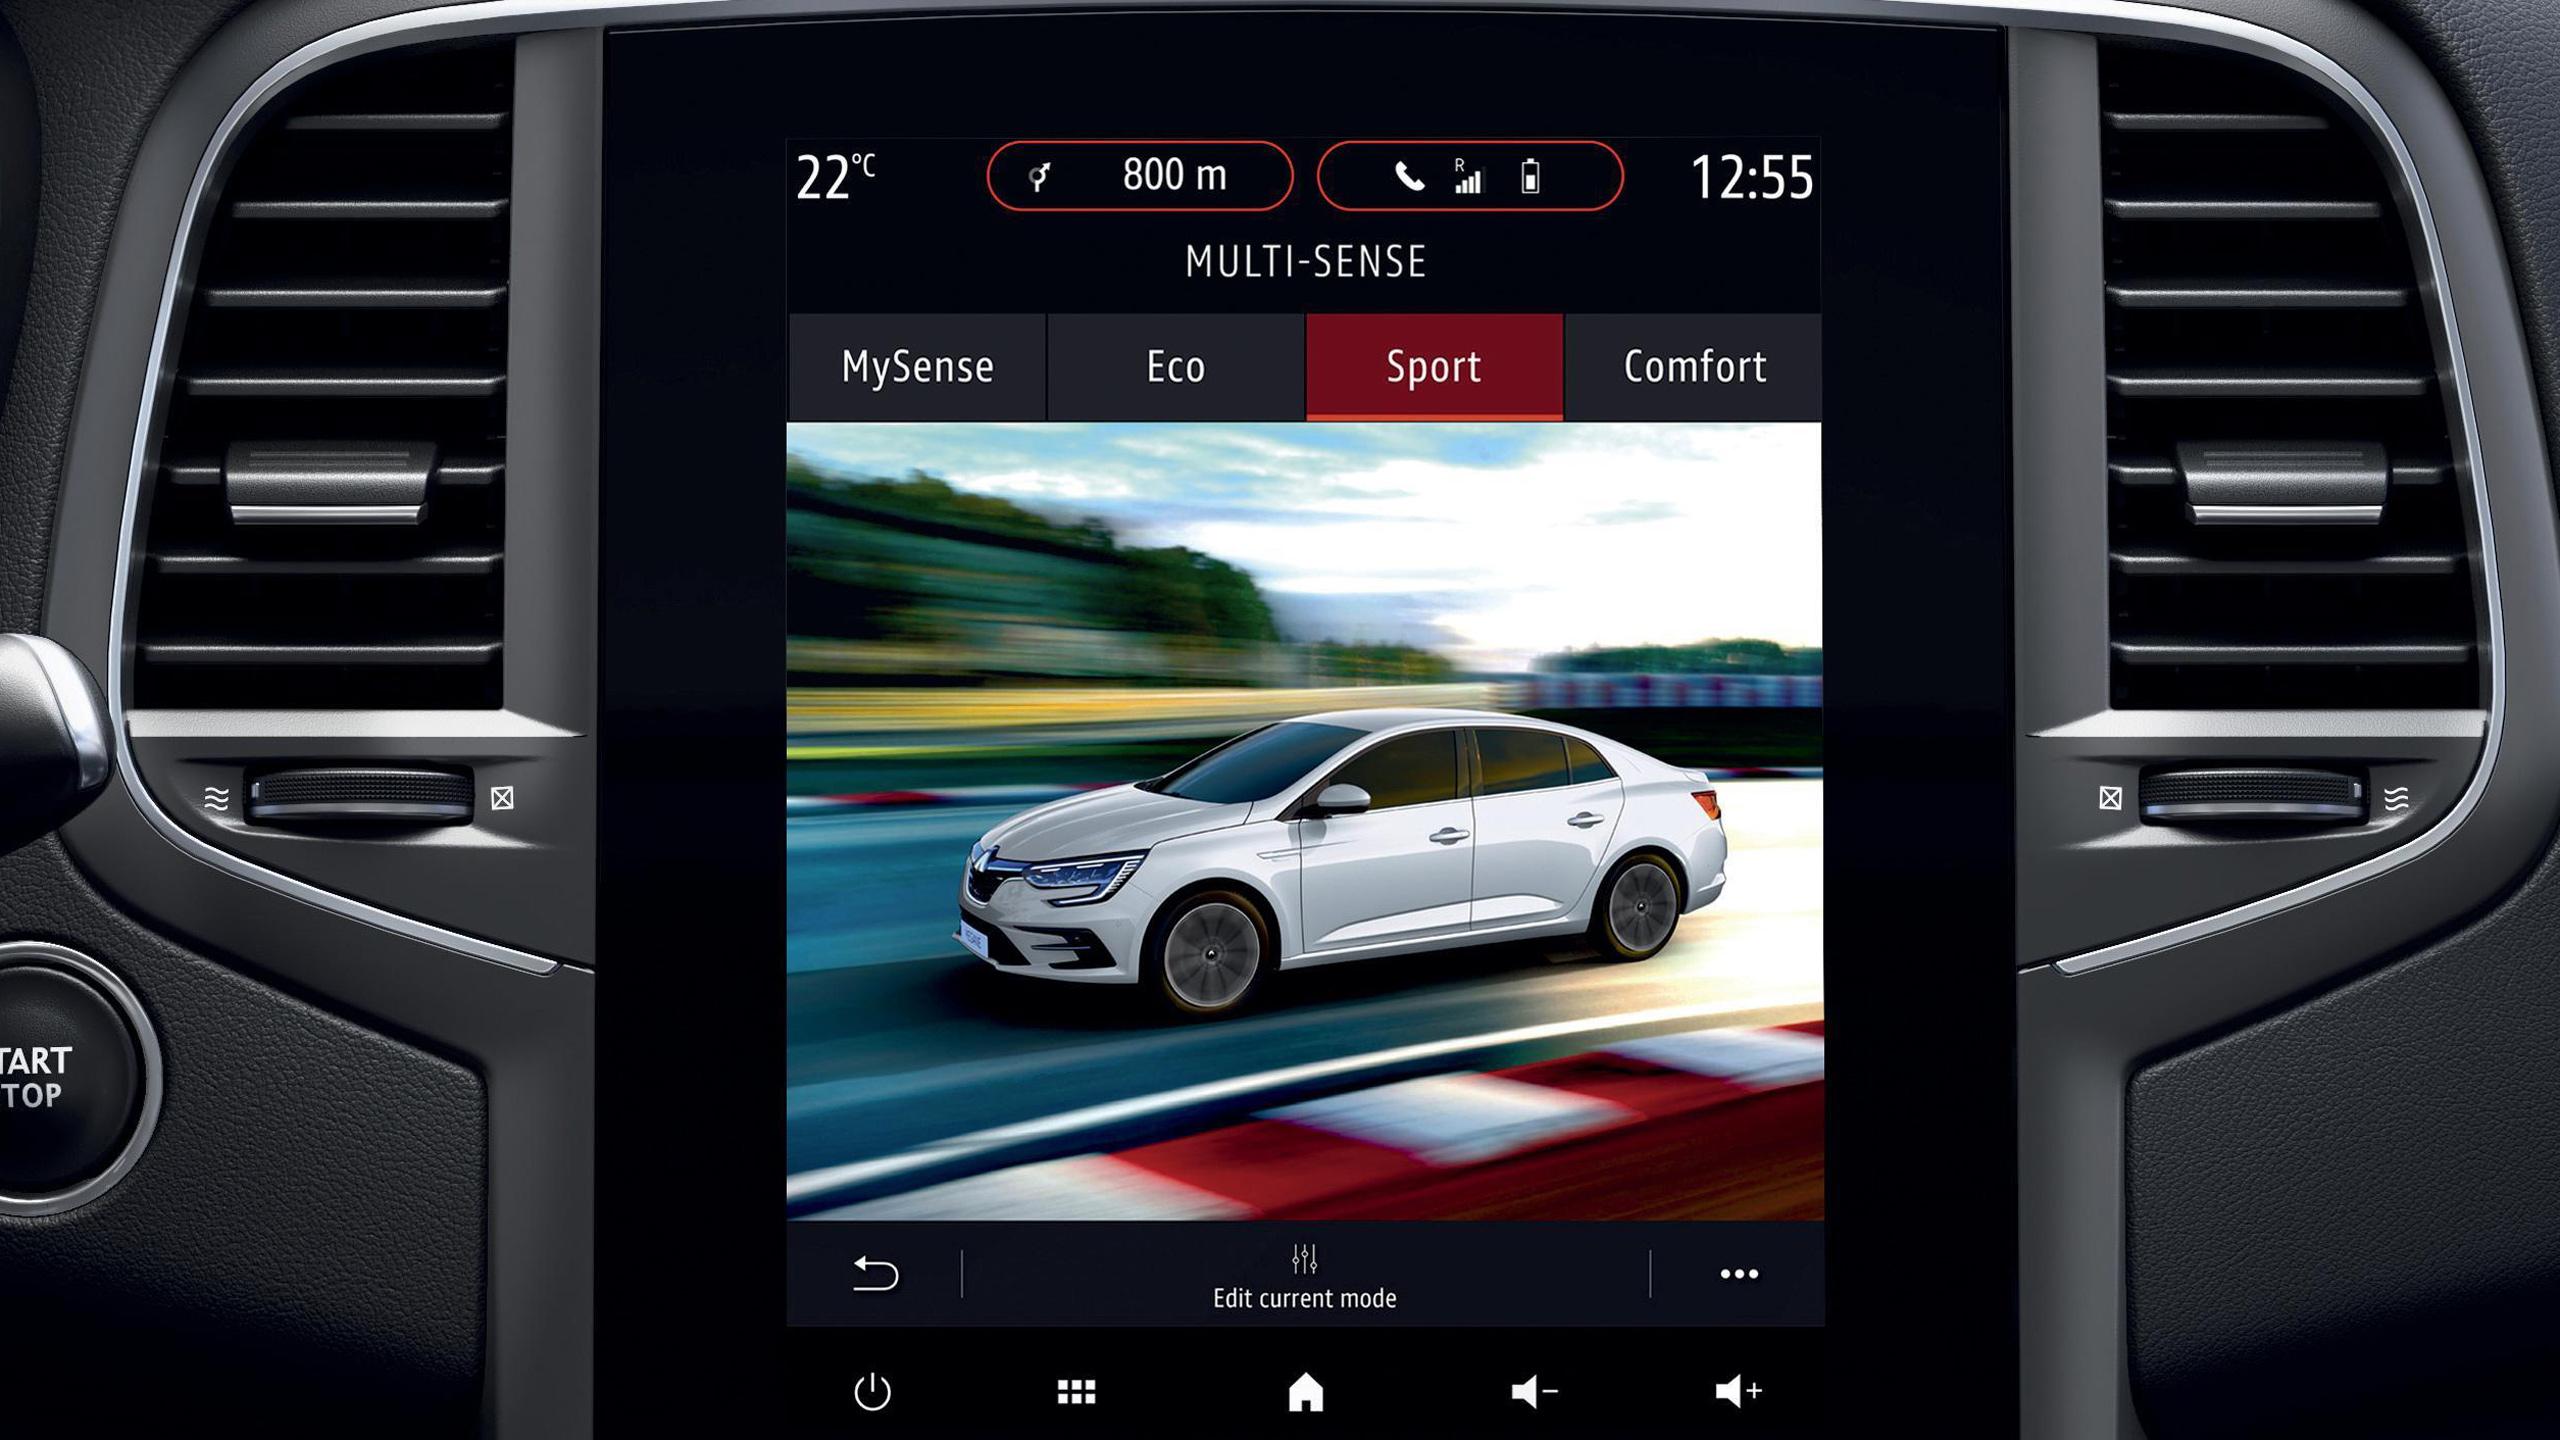 Renault Multi-Sense (вибір режимів водіння, освітлення бортового комп'ютера, салону)